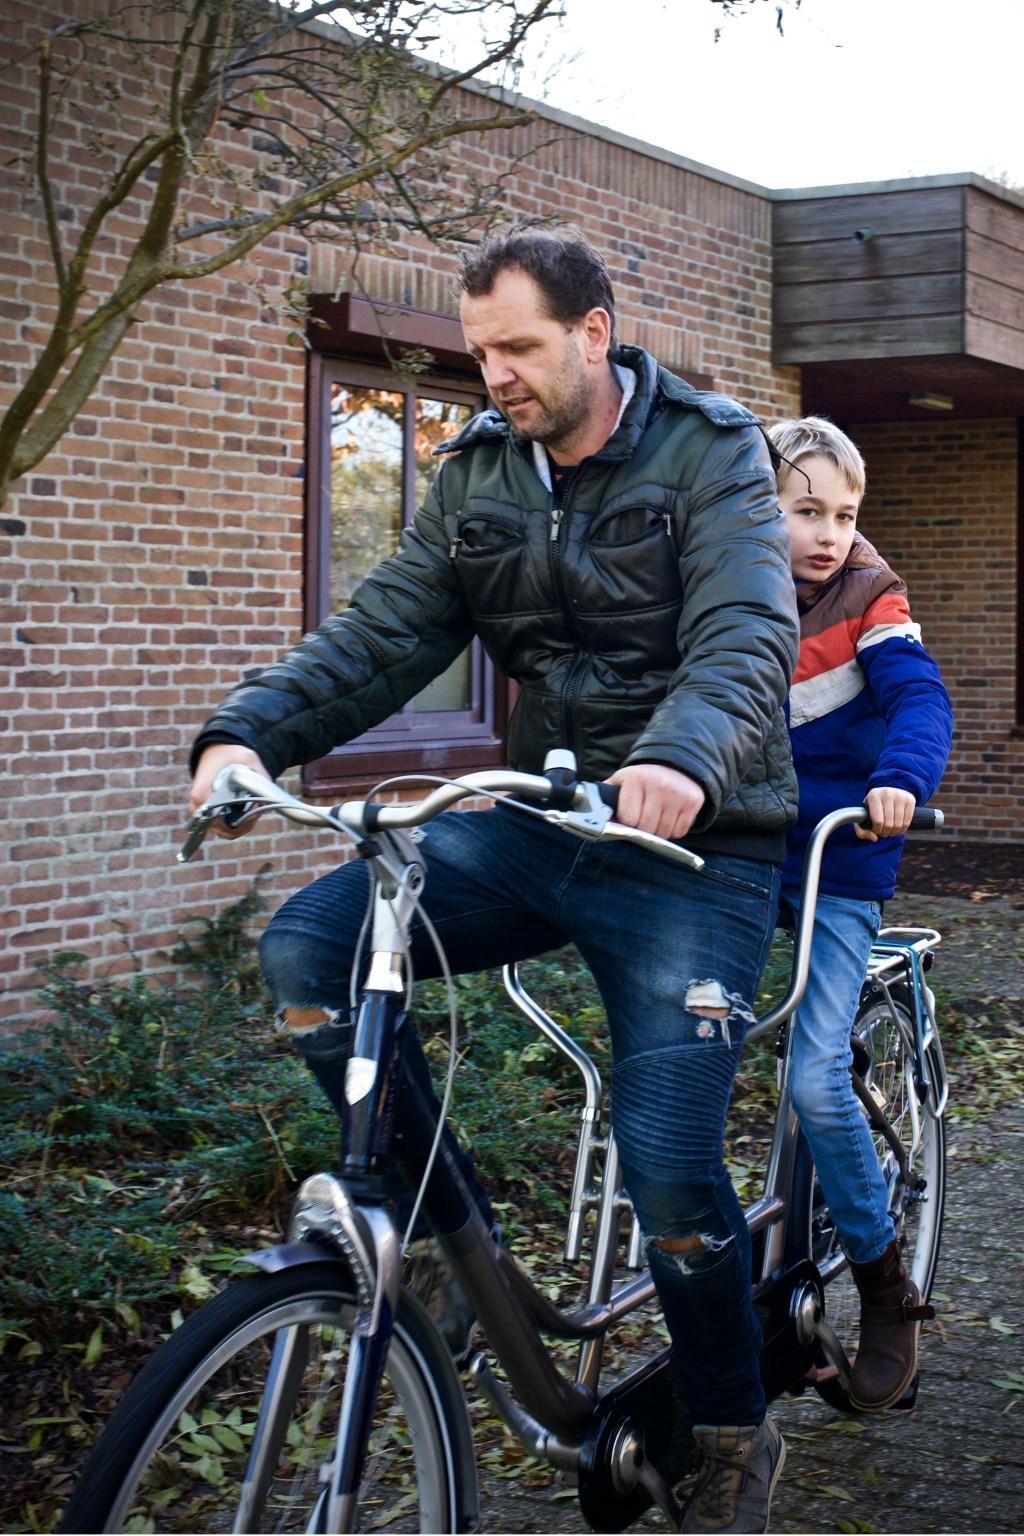 Bart van Schagen en Kees Kops proberen de tandem uit. Foto: STiP Fotografie © Uitkijkpost Media B.v.